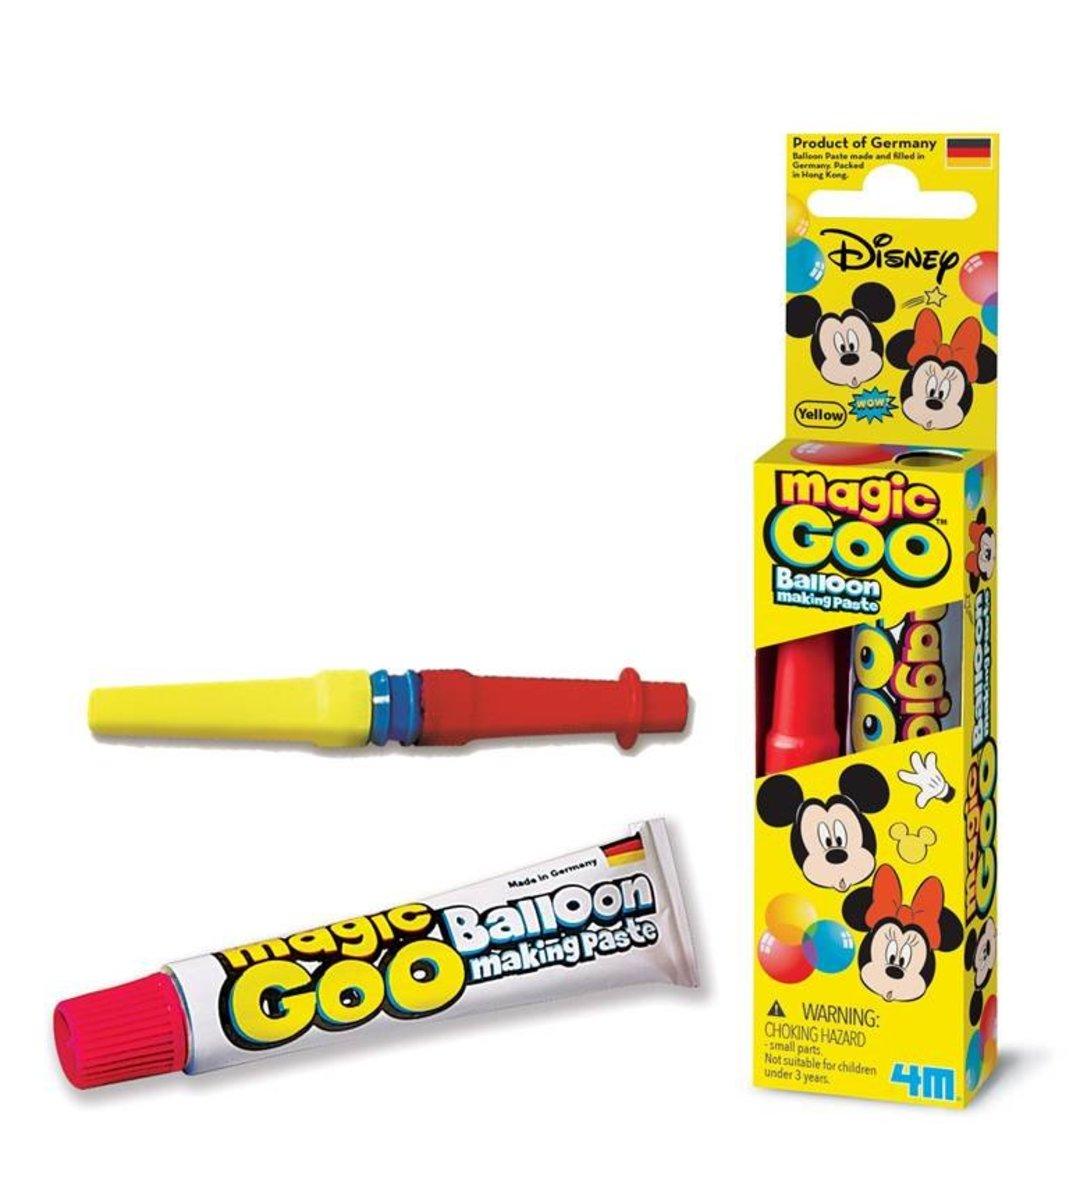 米奇神奇吹波膠STEM教育玩具